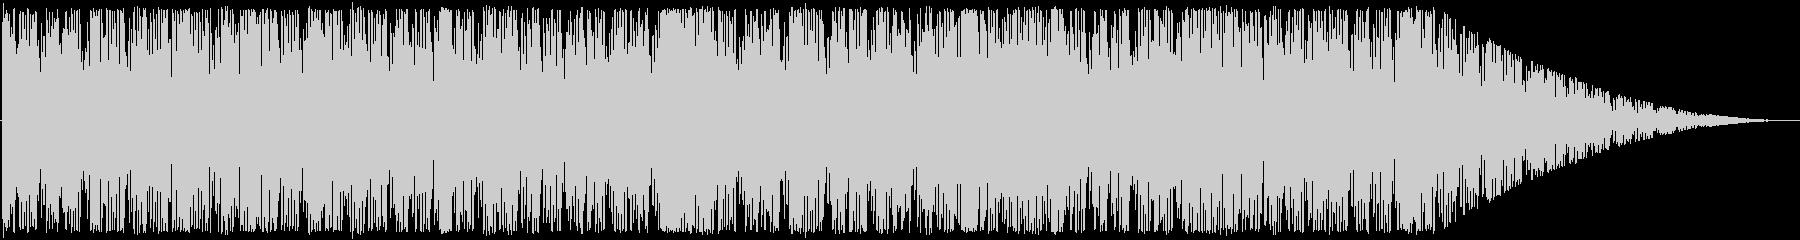 アップテンポ、短ループ曲。の未再生の波形